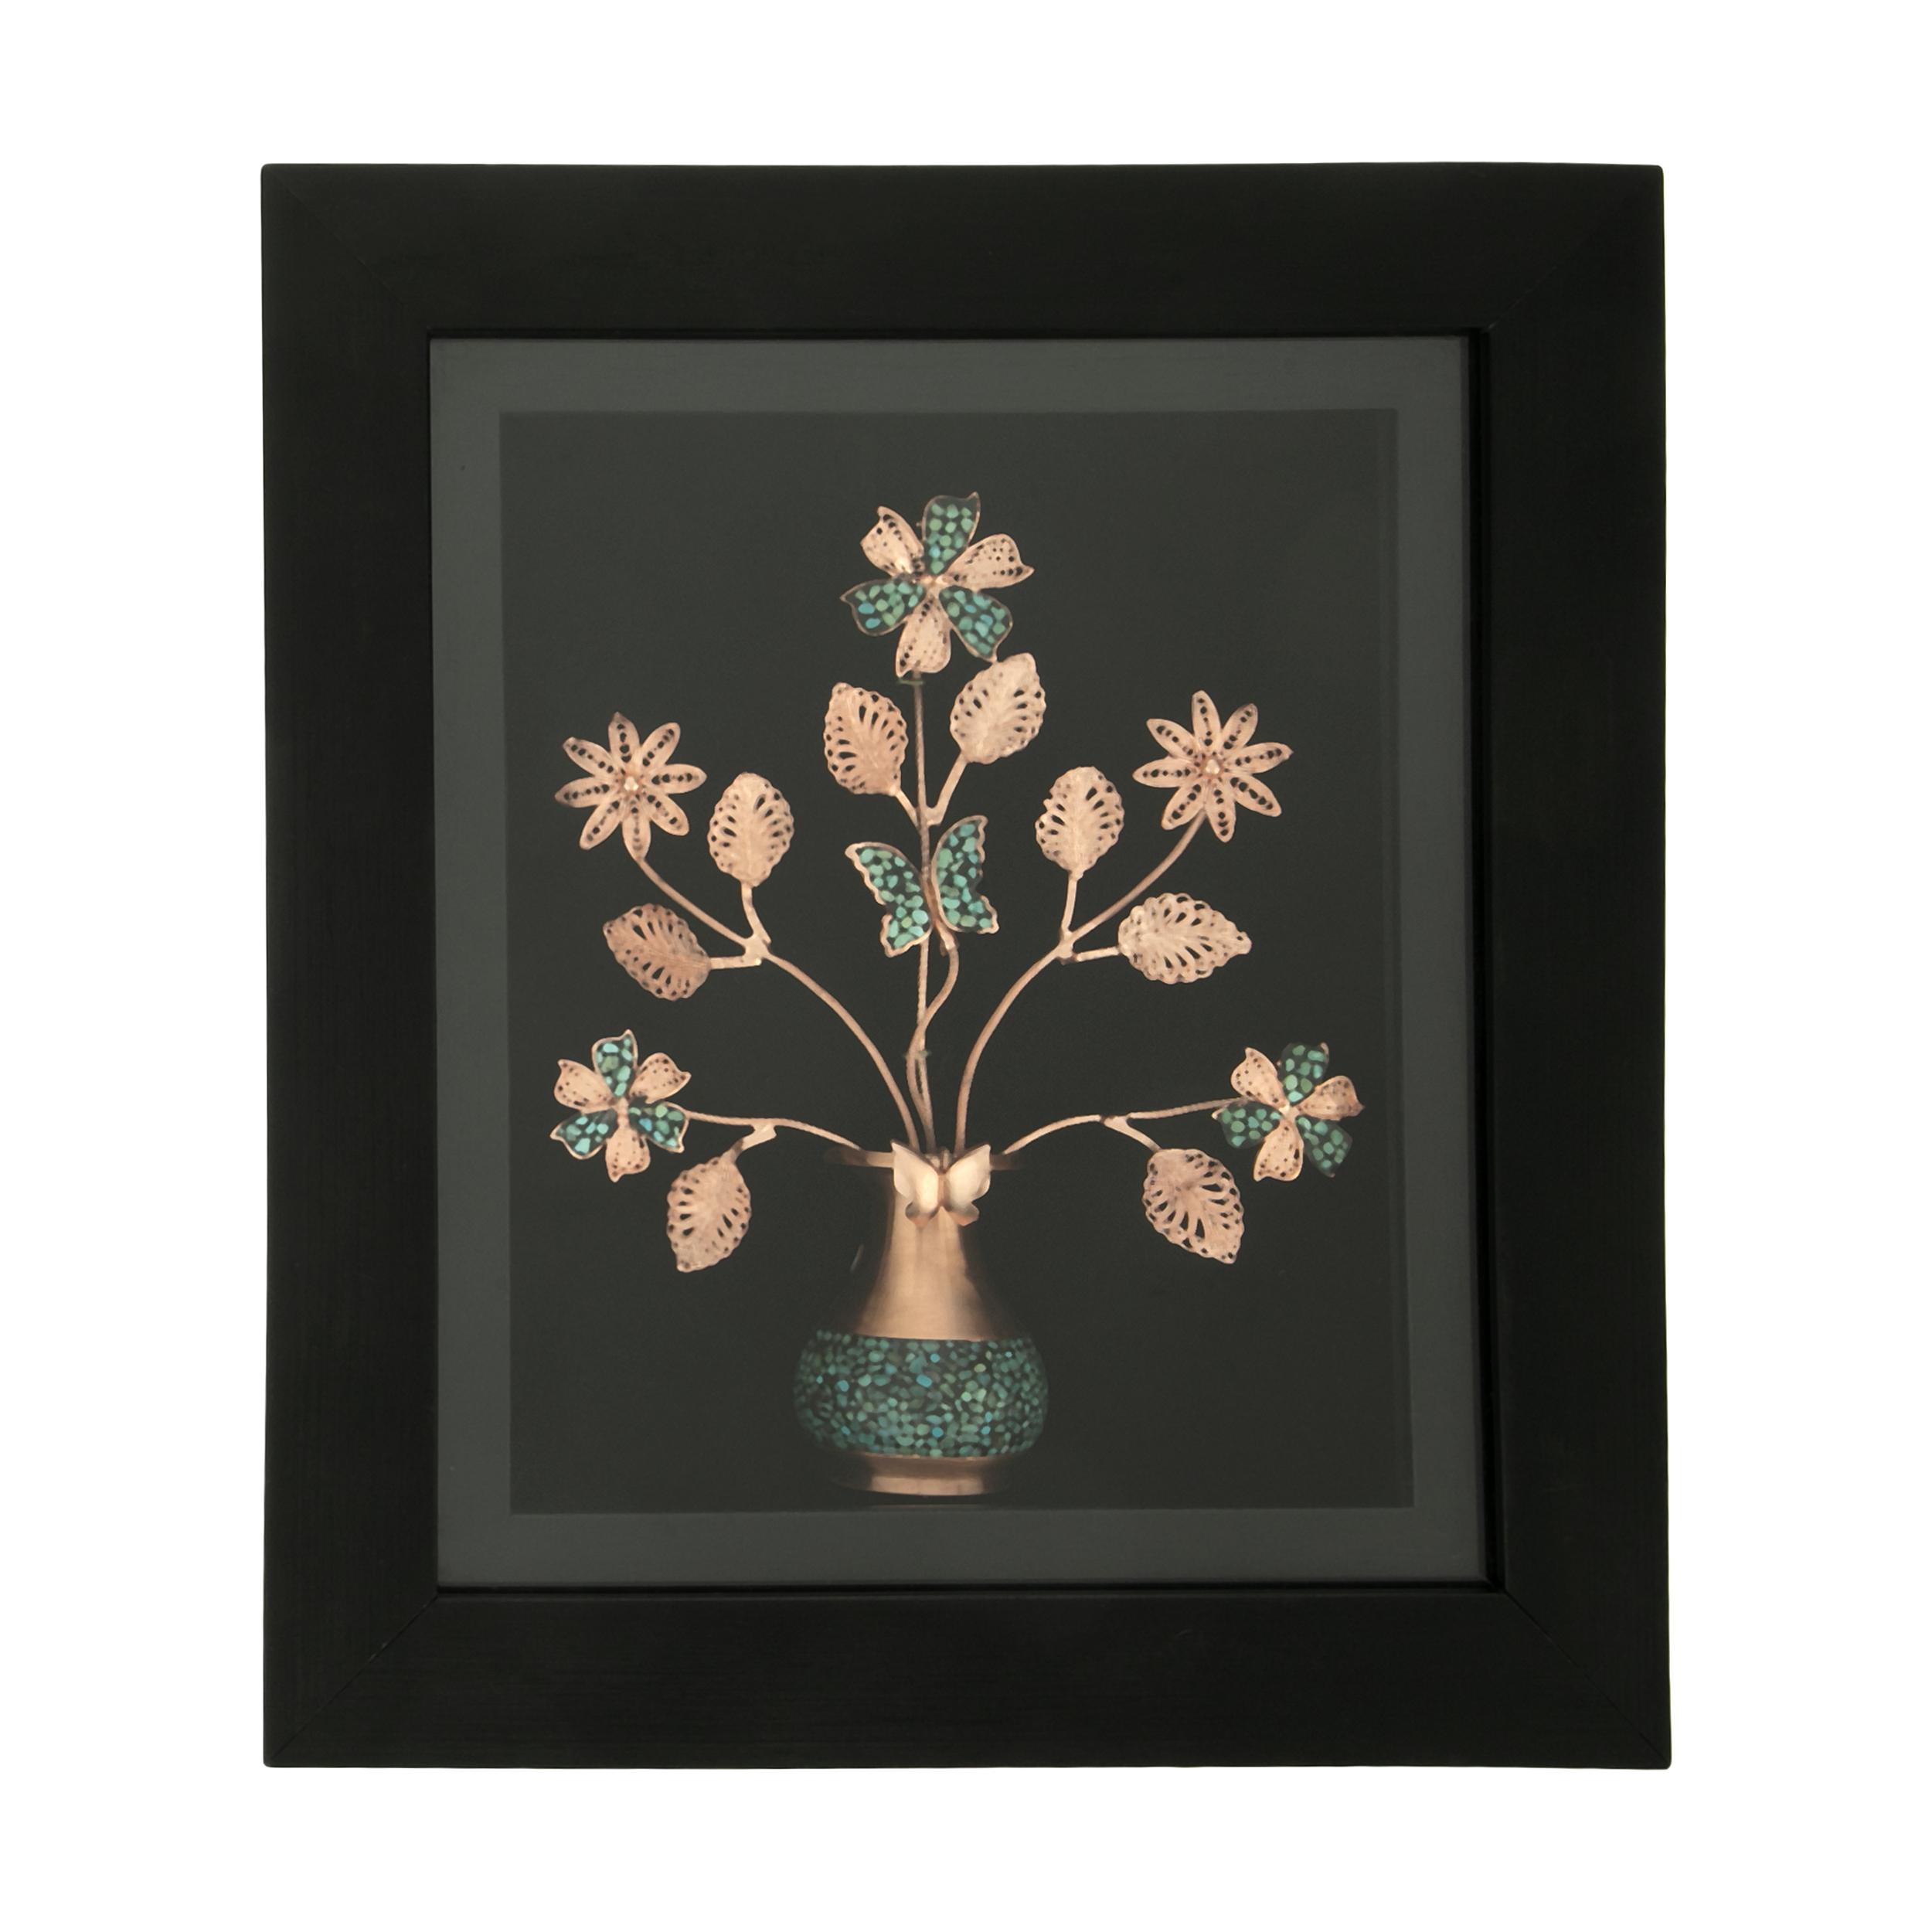 تابلو فیروزه کوبی طرح گل و گلدان کد 2